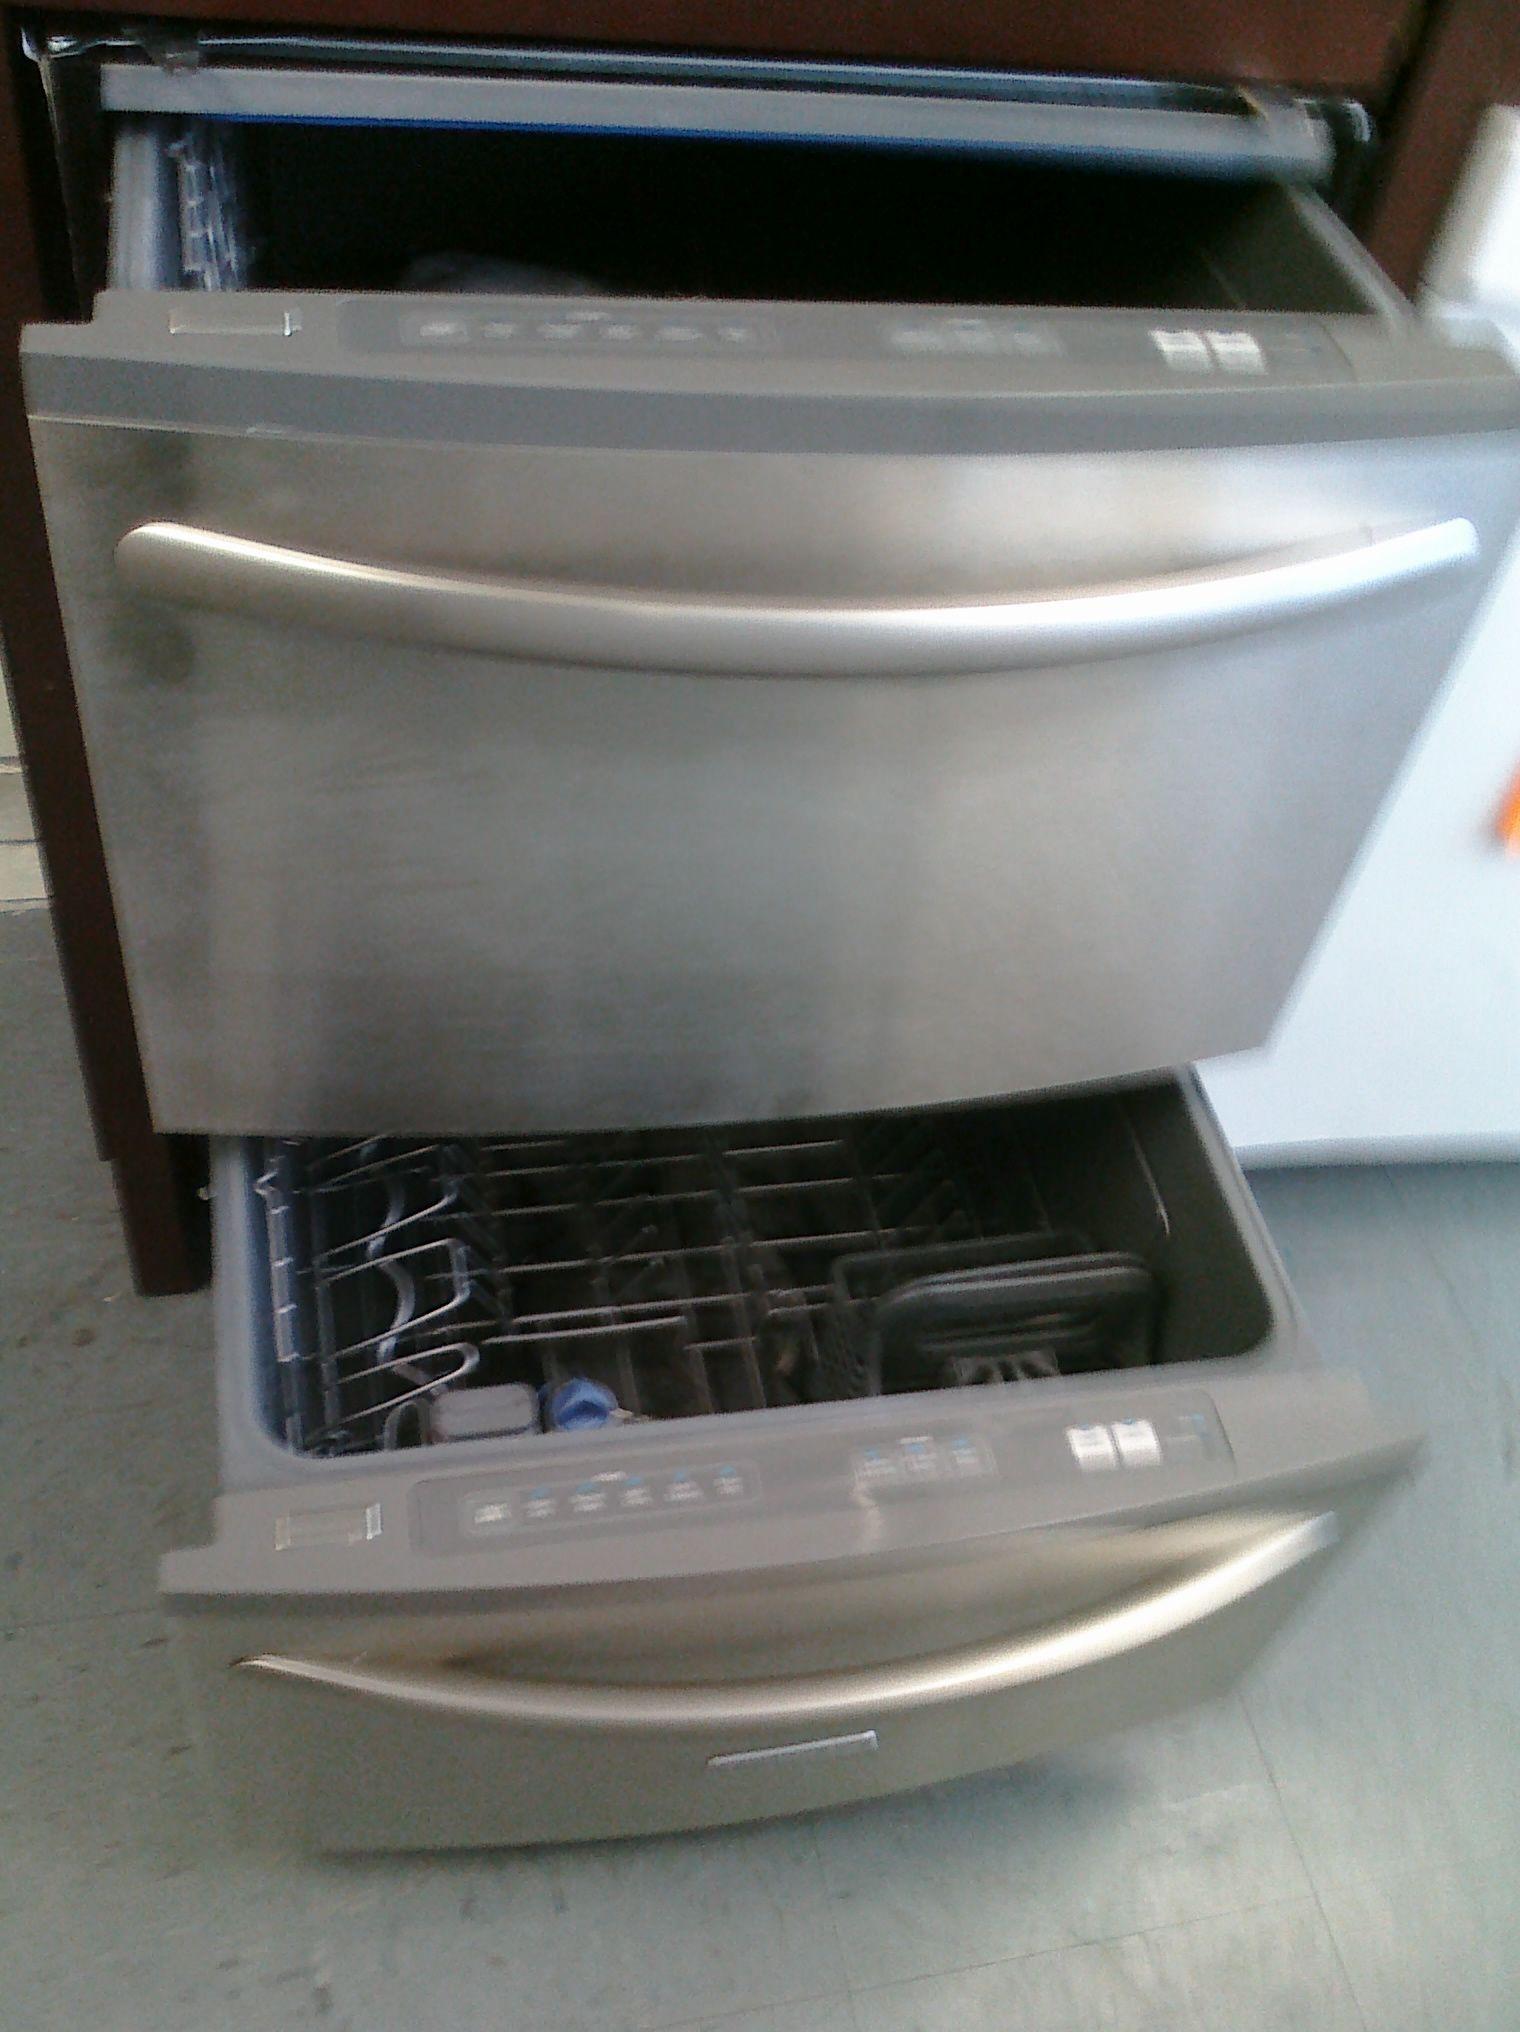 Kitchenaid Two Drawer Dishwasher Beeping